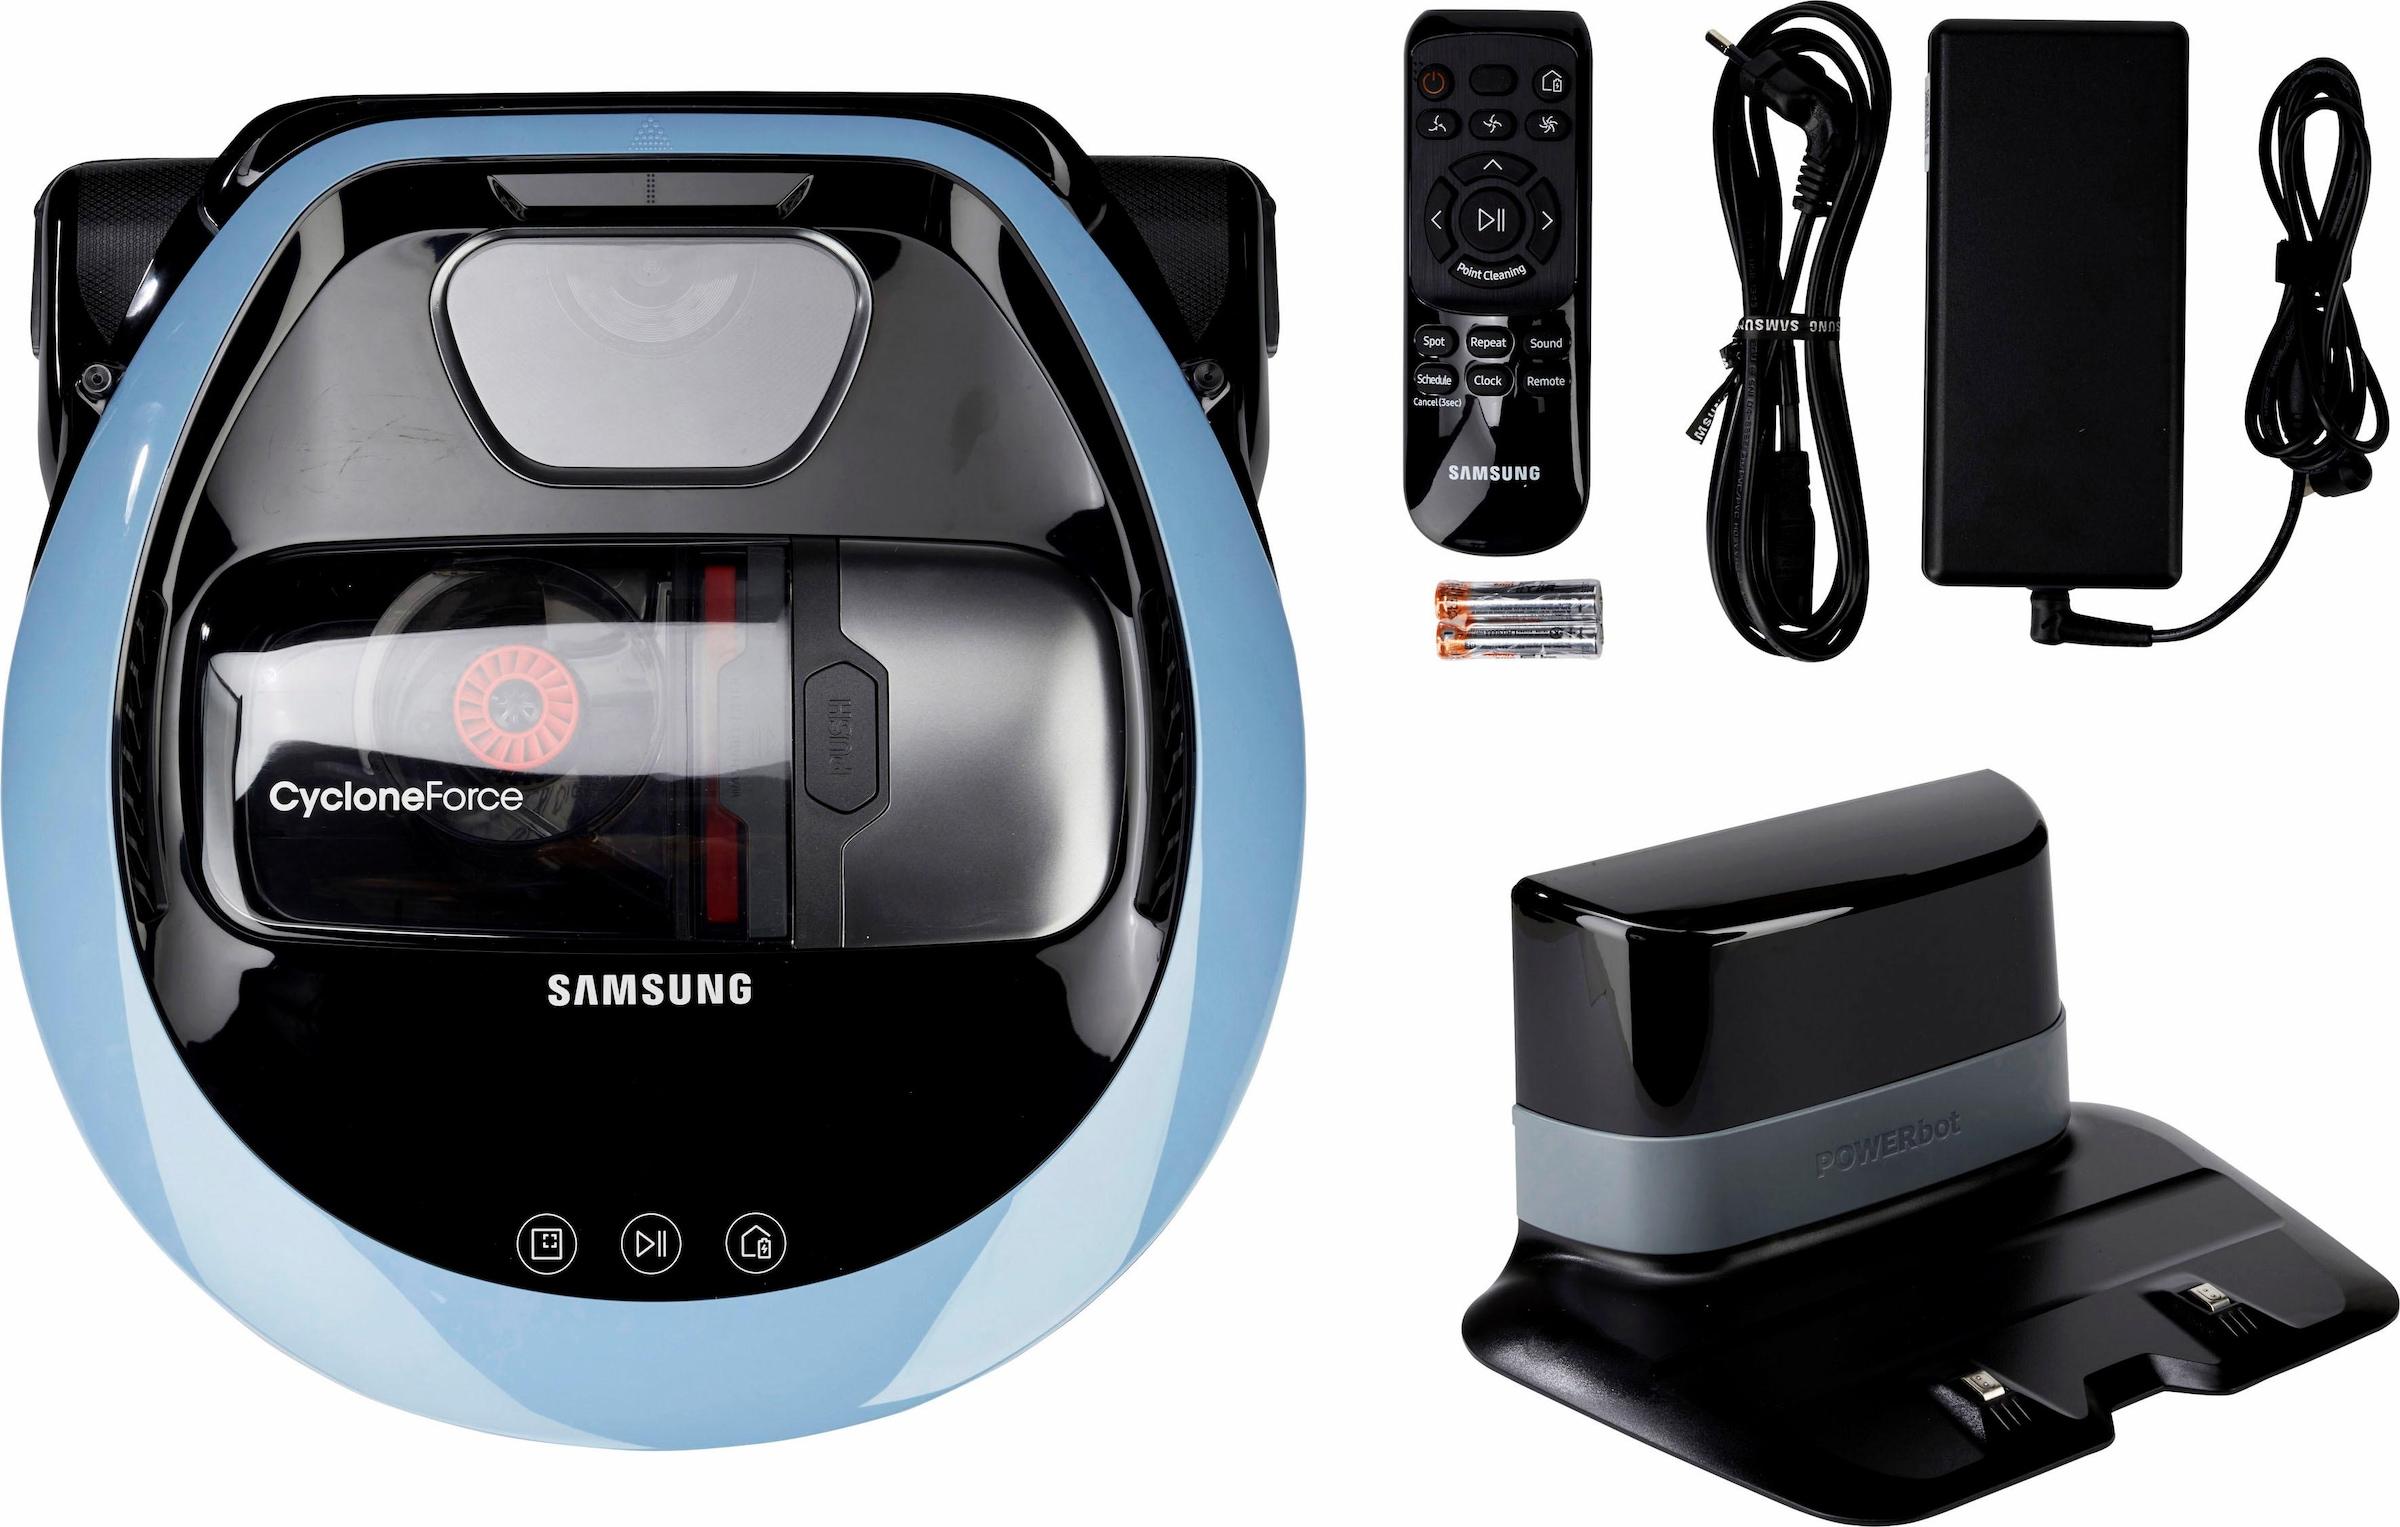 Professioneller Verkauf 3 Pack Für Samsung Galaxy Uhr Aktive Smartwatch Screen Protector Ultra-dünne Soft Clear Lcd Guard Shield Haut Schutz Film